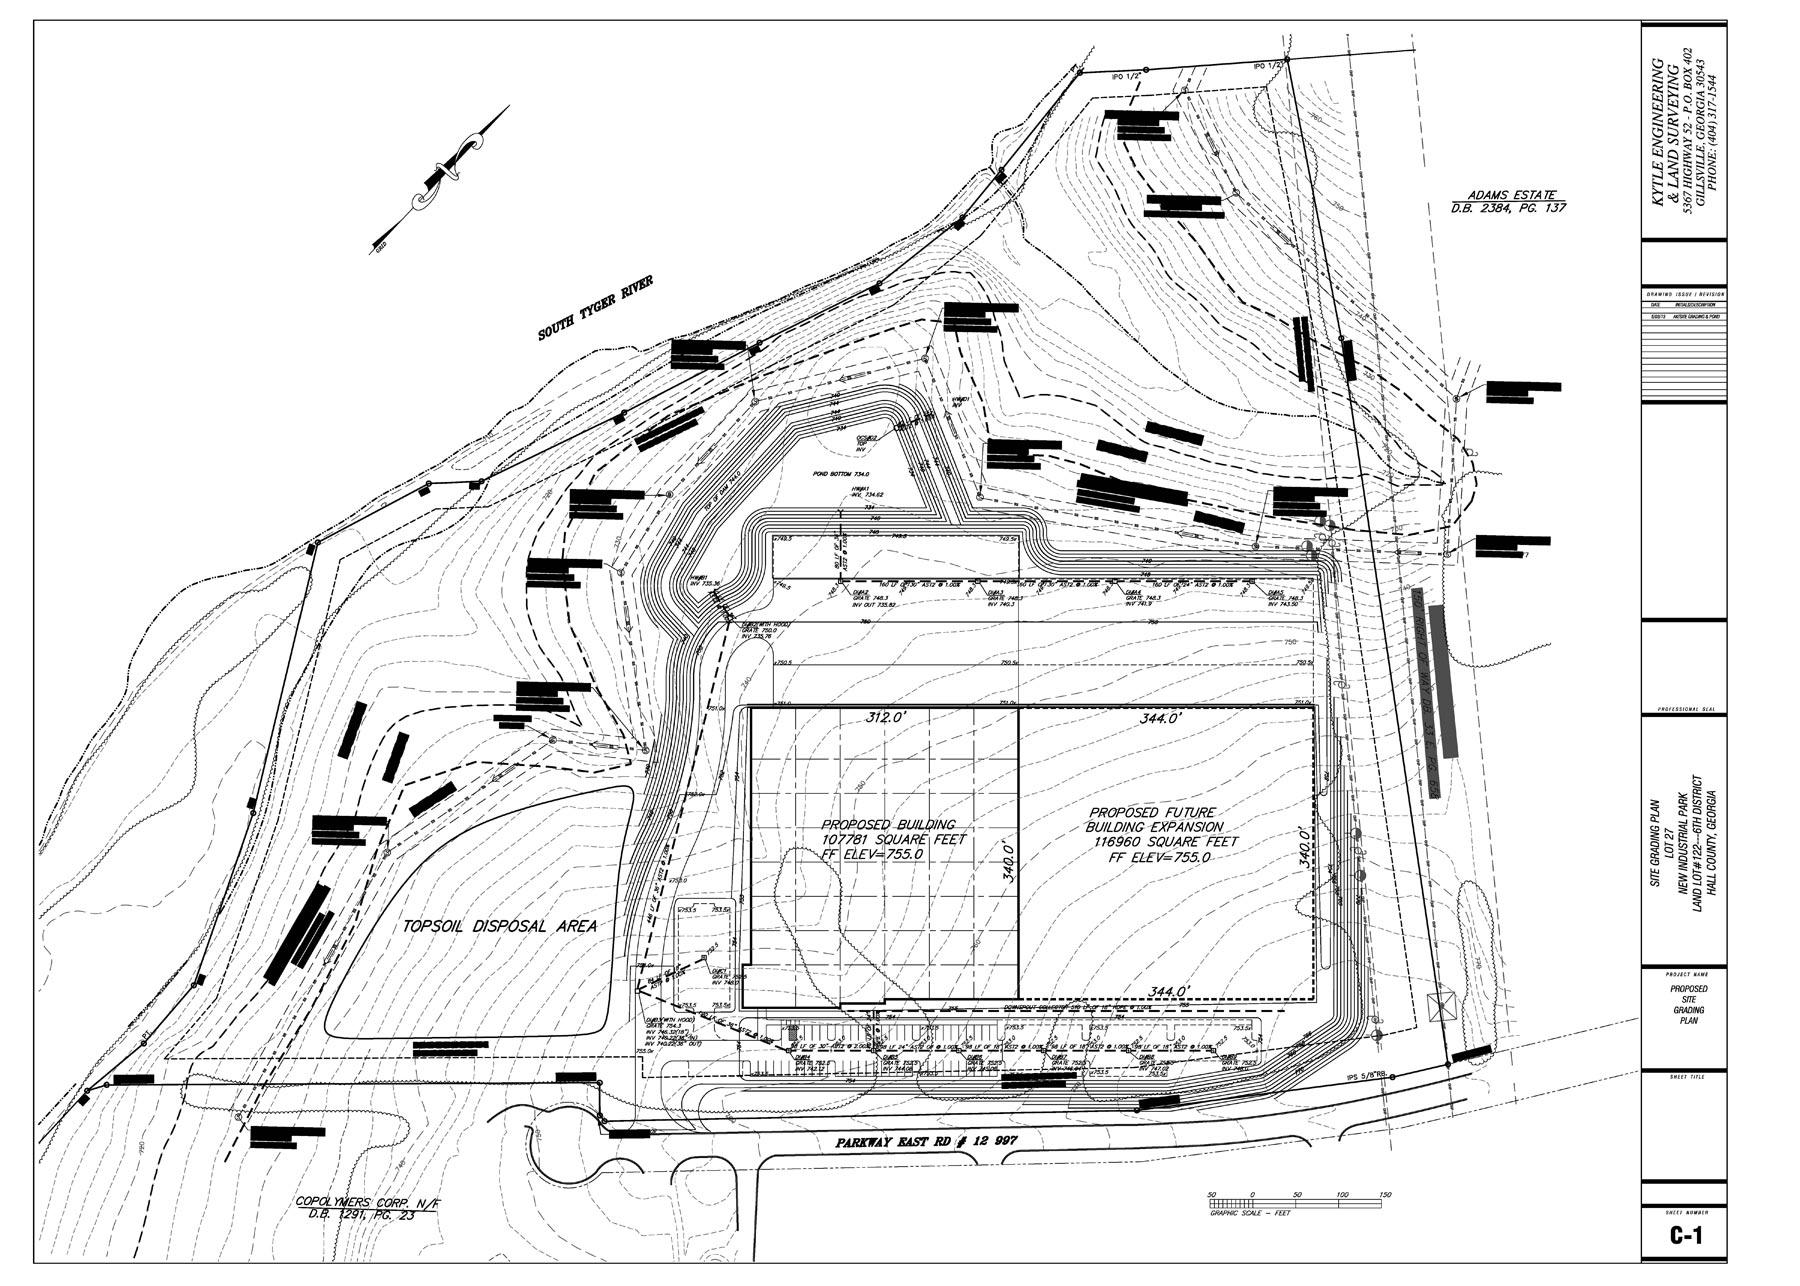 94 aerostar wiring diagram